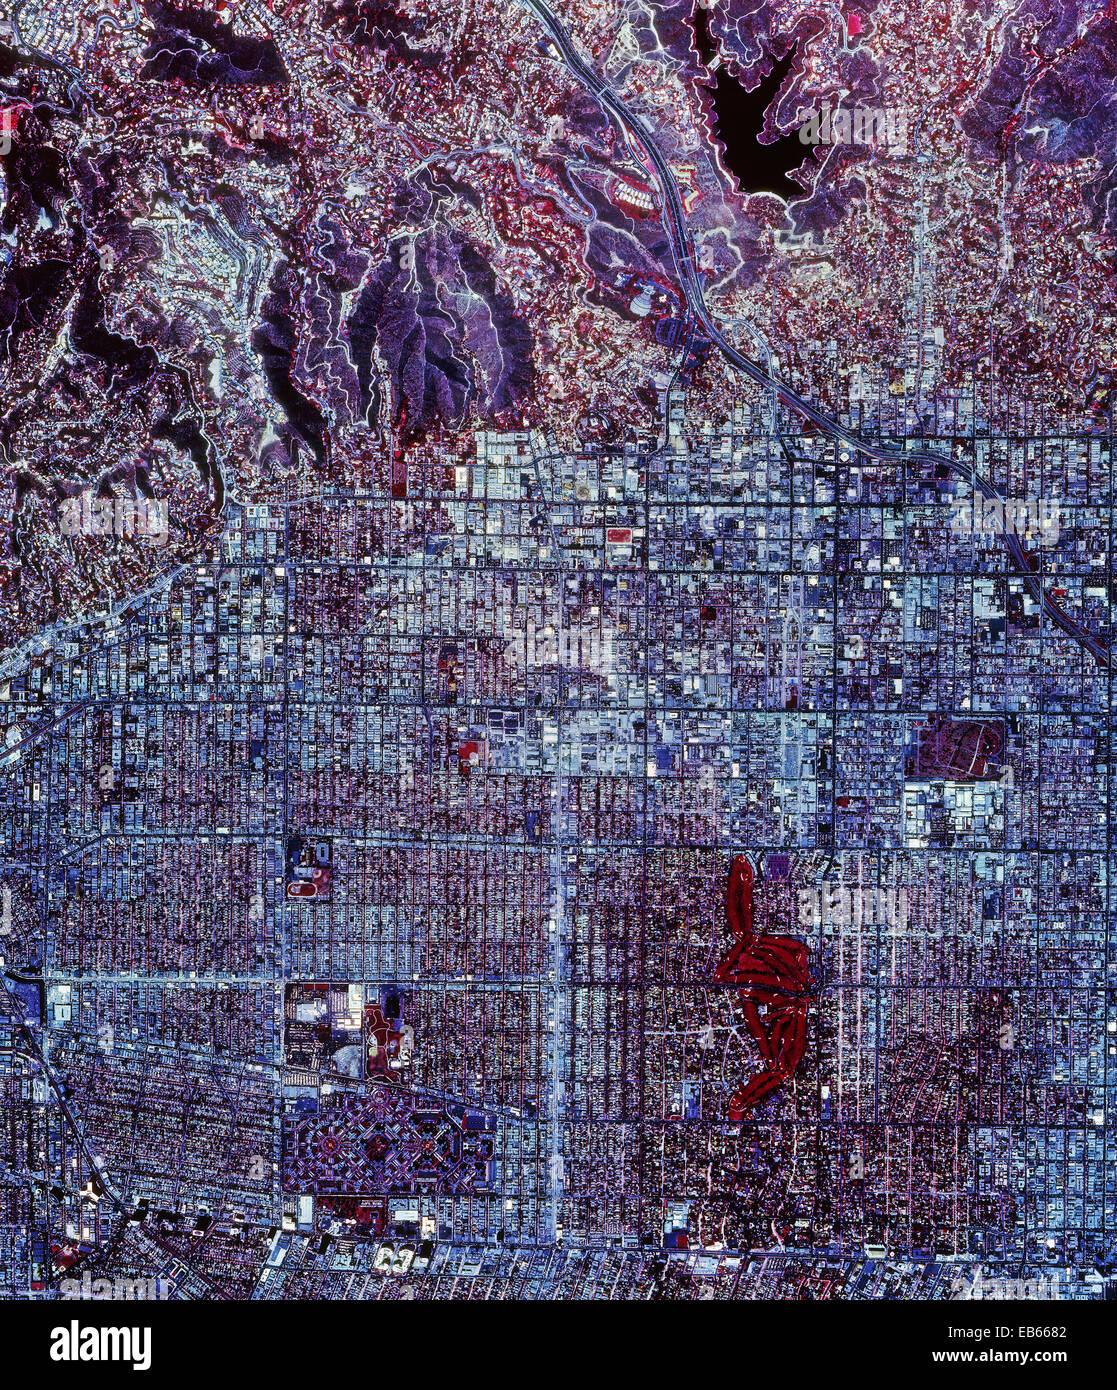 historische Infrarot-Luftaufnahme von Hollywood, Kalifornien, 1989 Stockbild